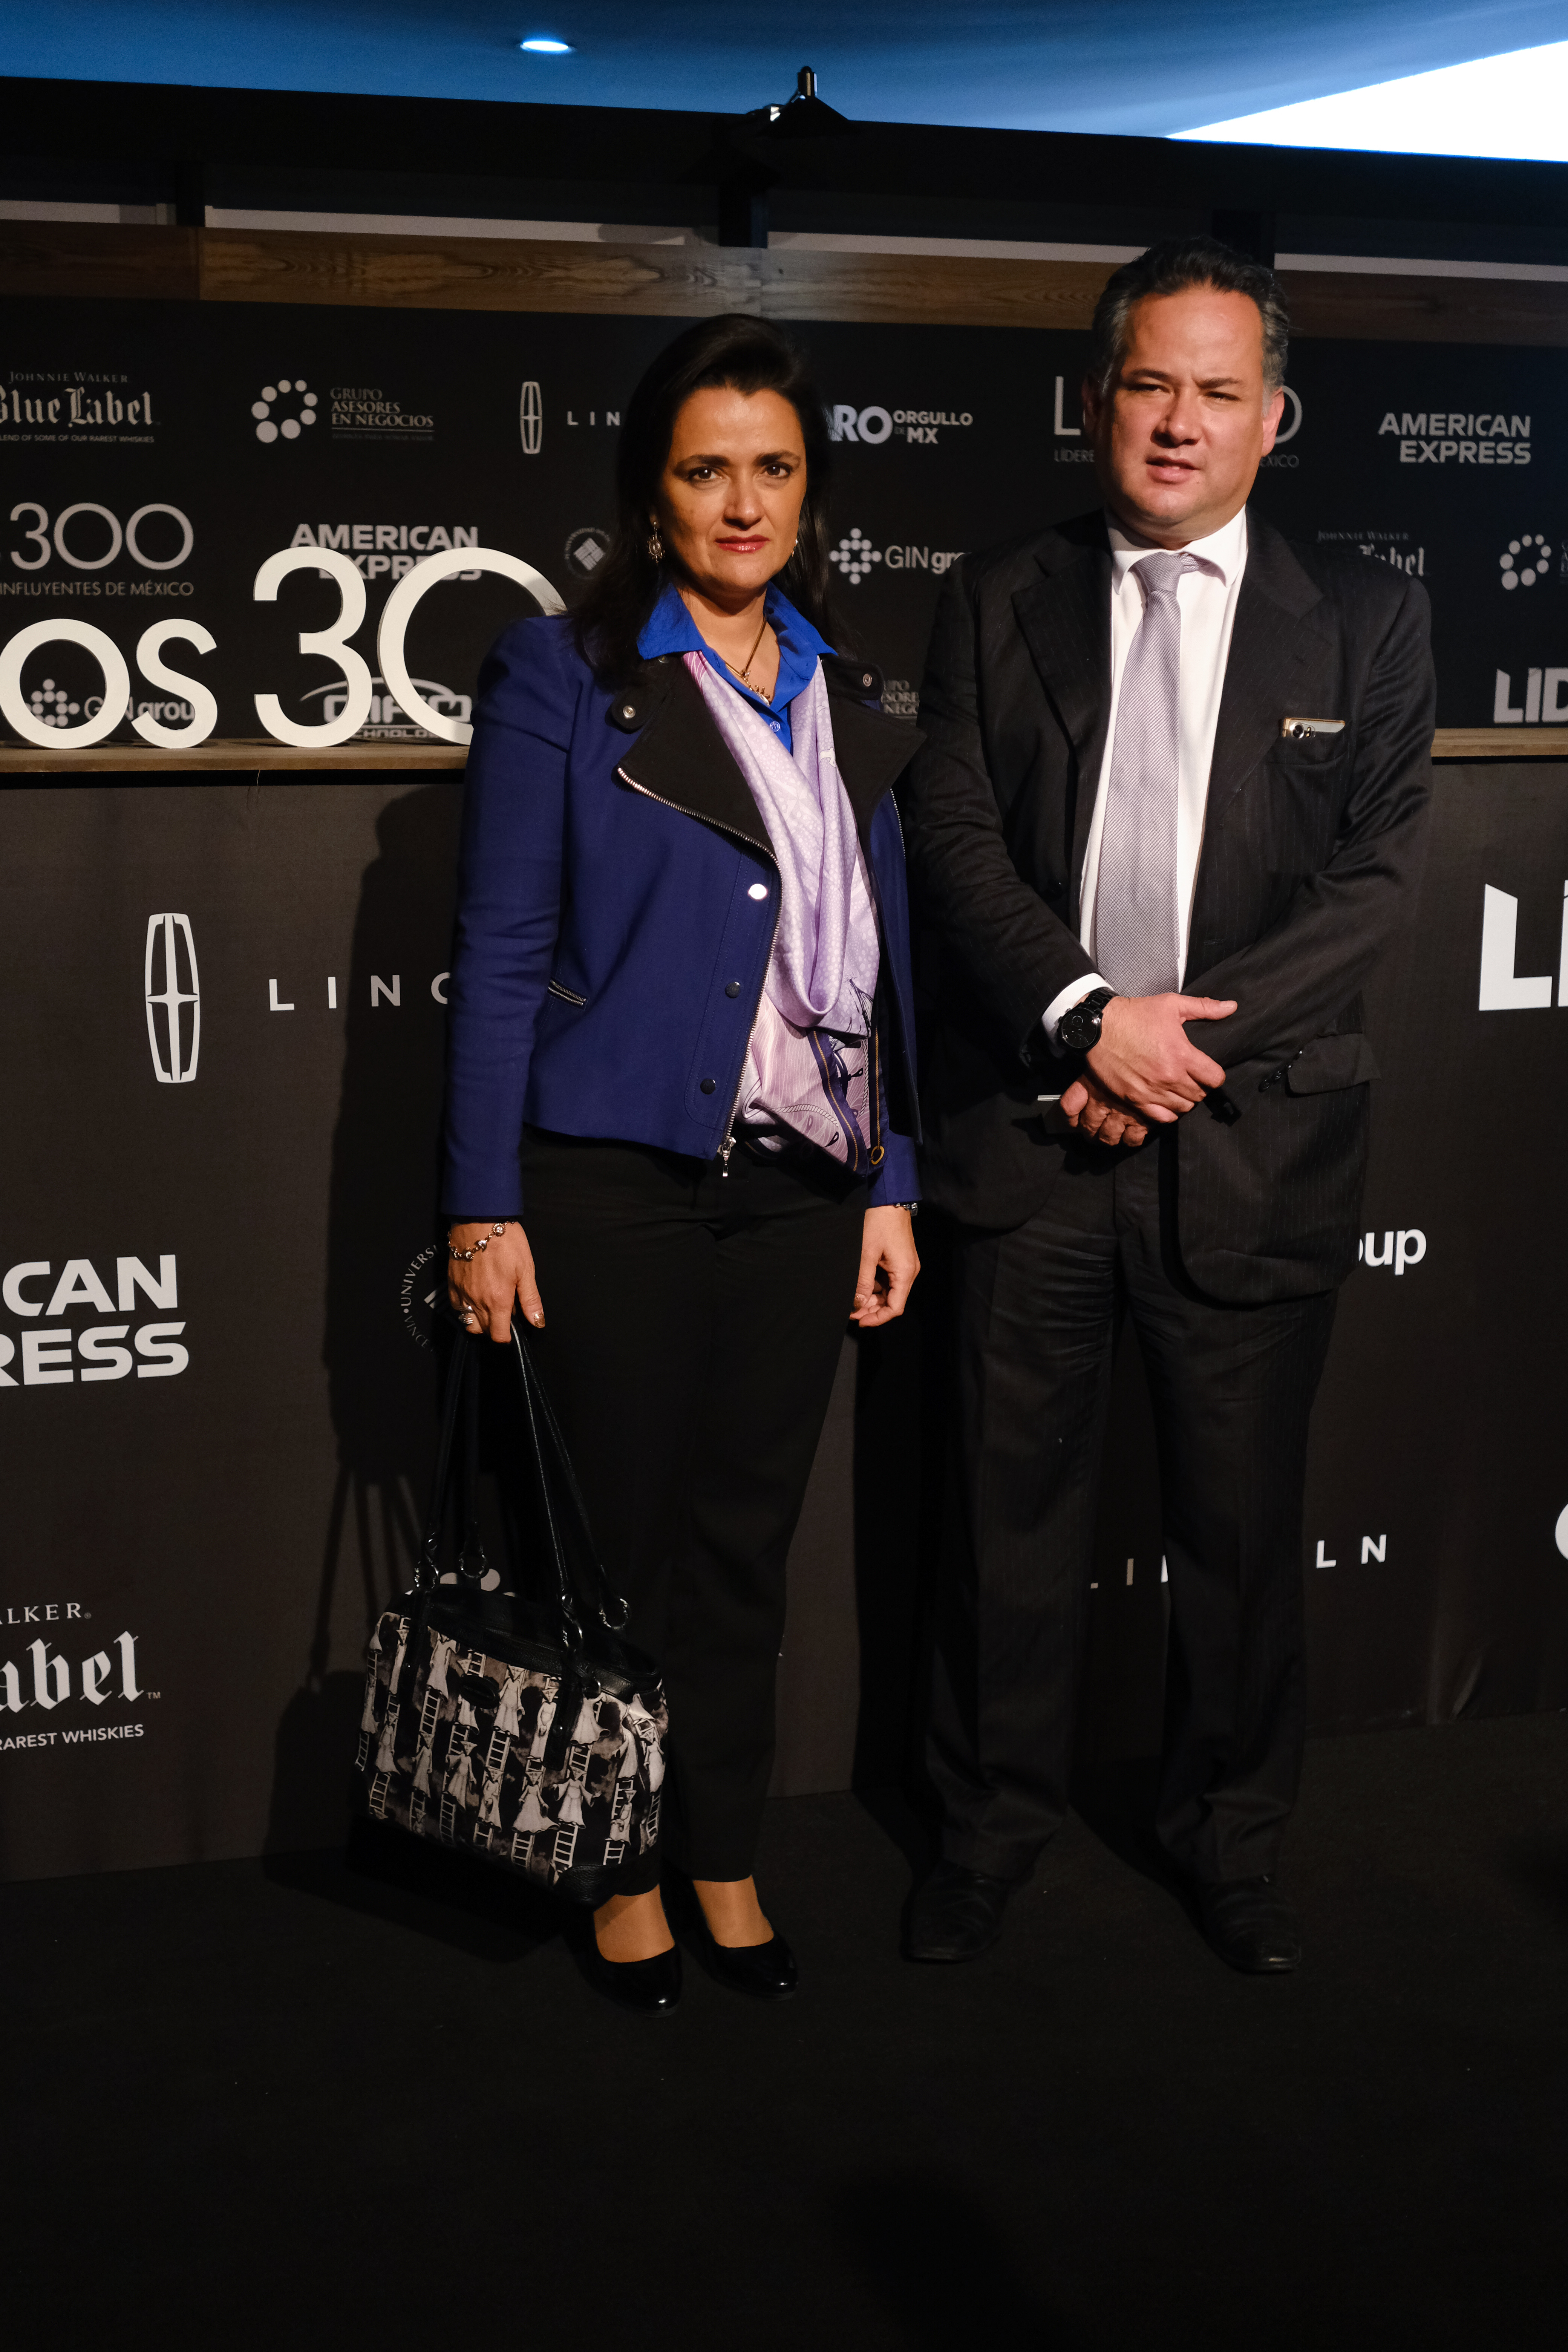 Margarita Ríos Farjat, titular del Servicio de Administración Tributaria (SAT) y Santiago Nieto